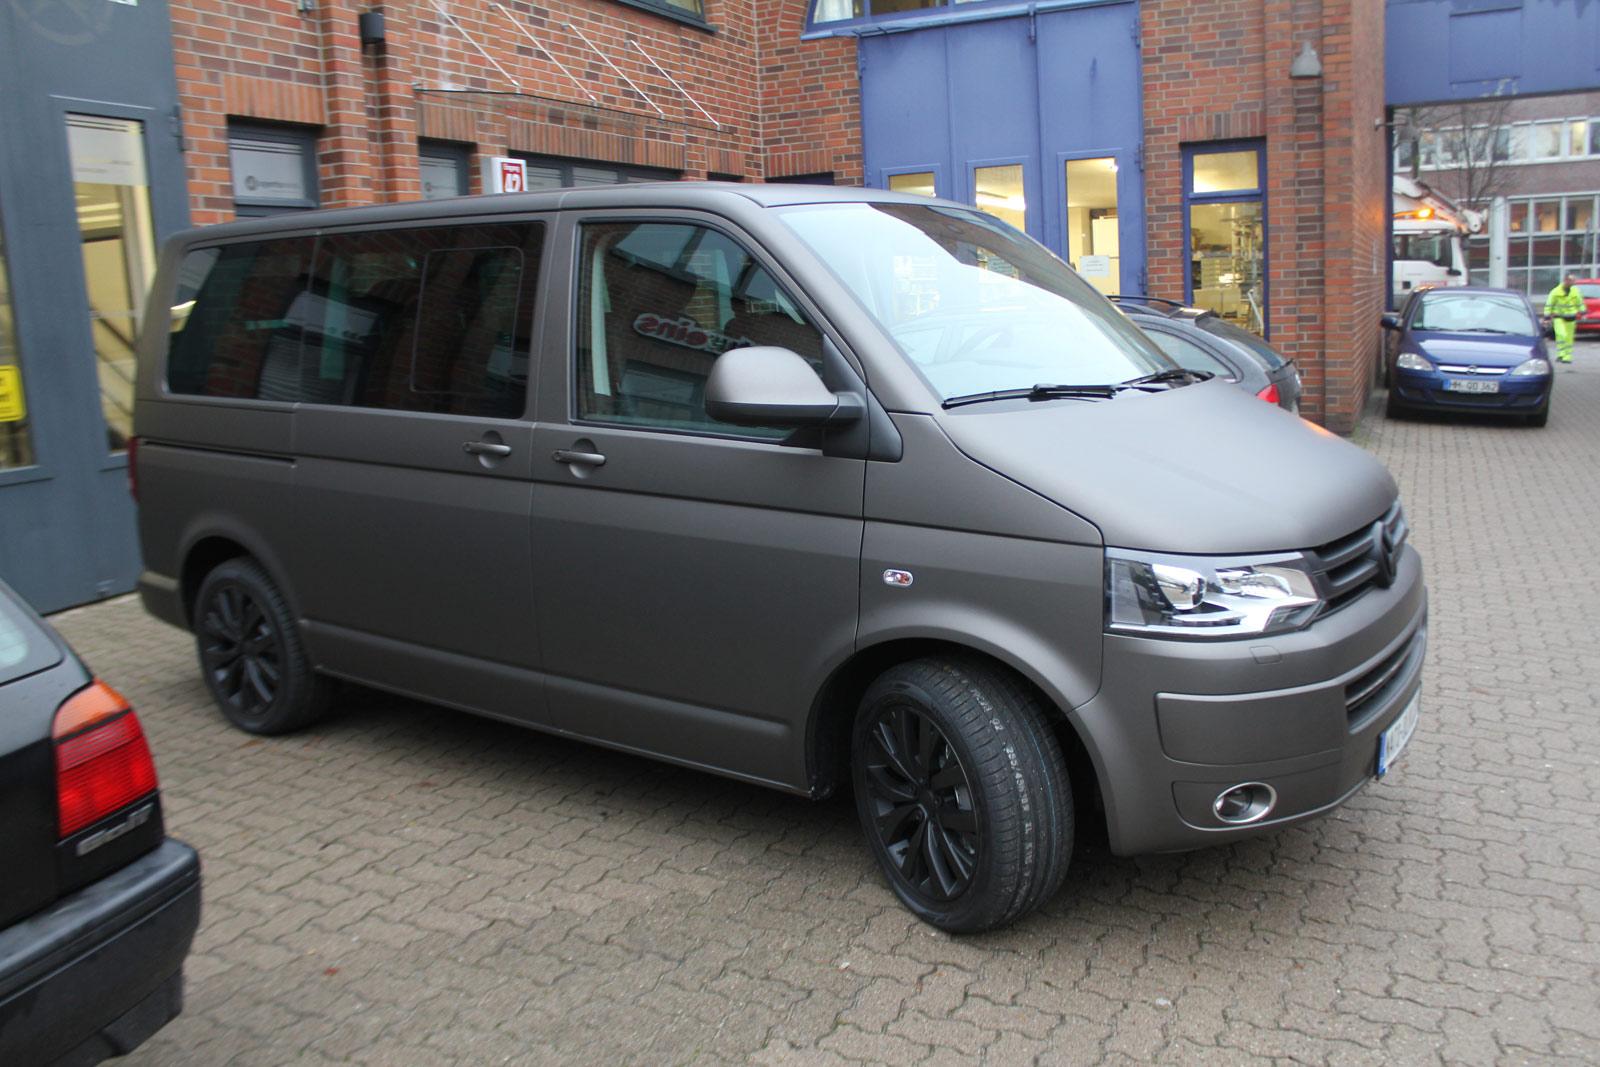 Seitenansicht des VW T5 Multivan mit Fahrradhalterung Schutzfolie und kompletter Folierung in Charcoal matt metallic.